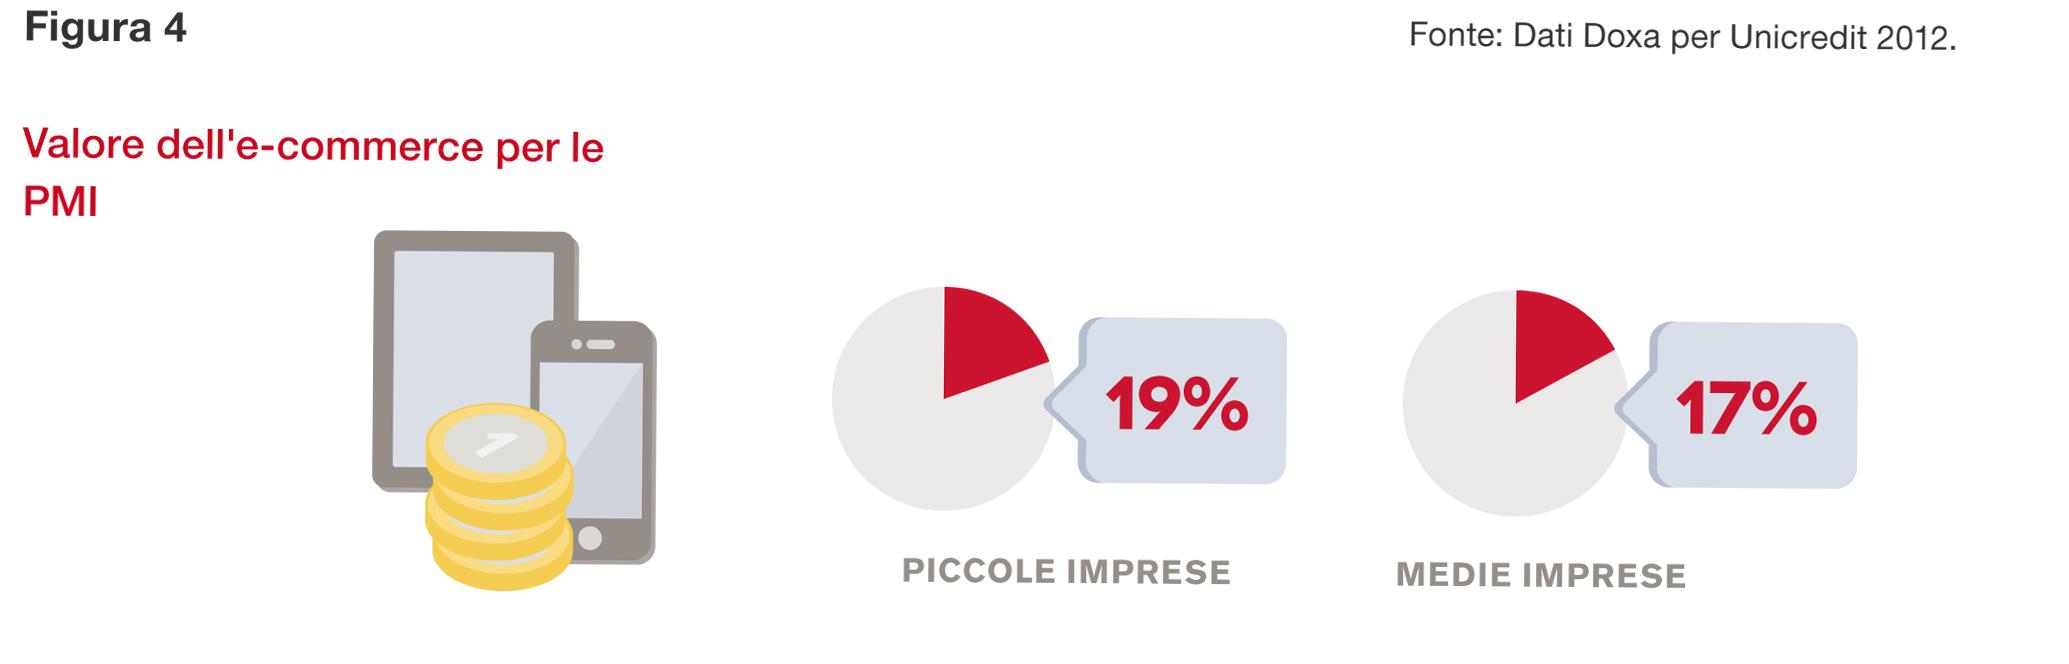 e-commerce in Italia 3 aziende su 10 lo utilizzano